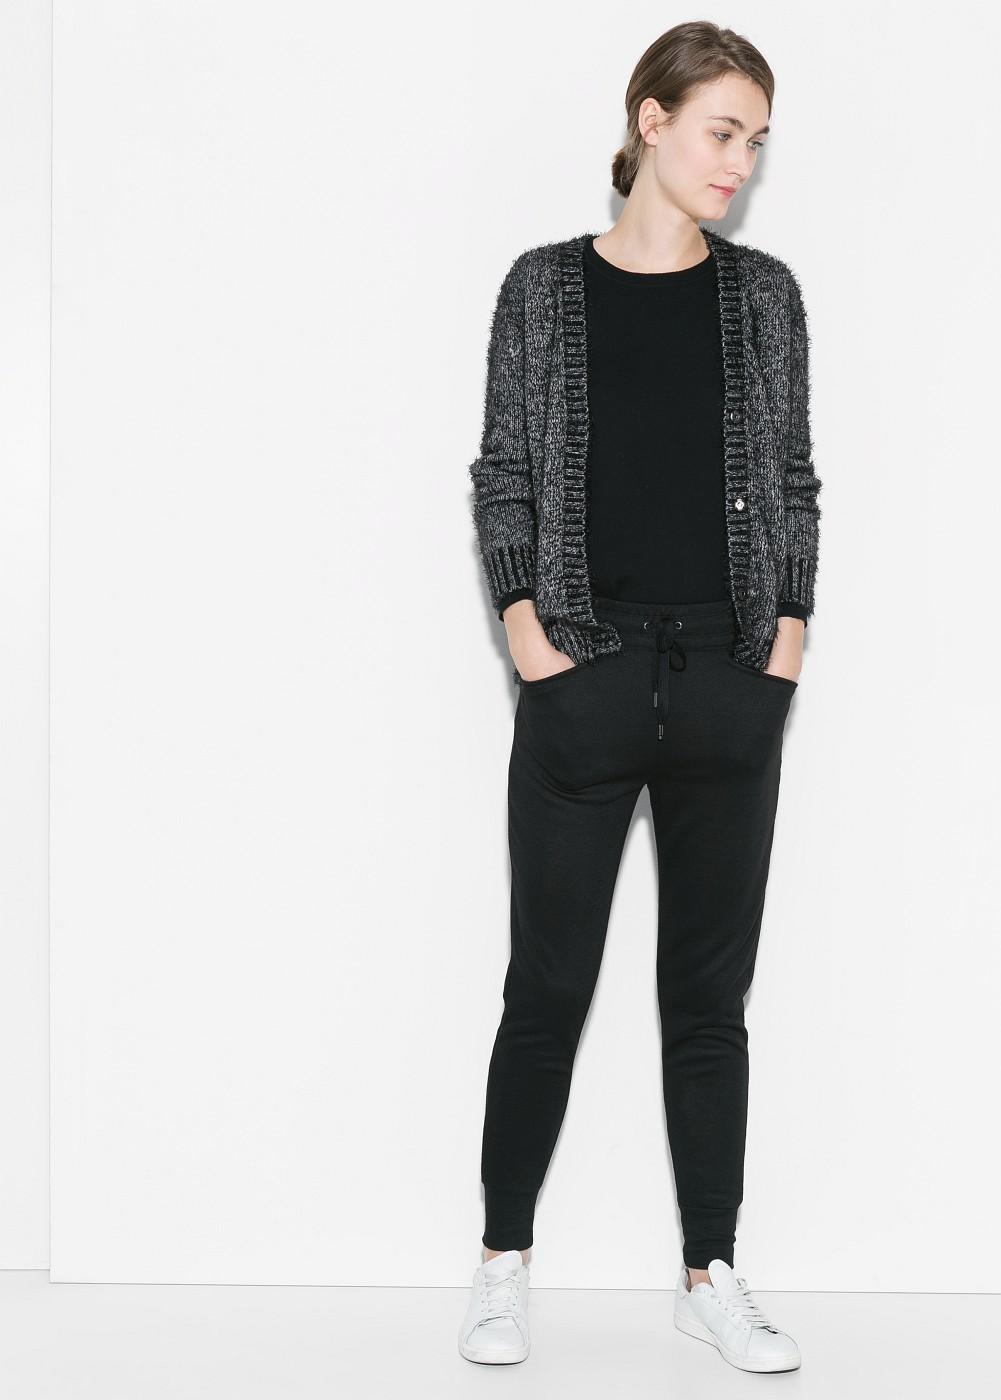 pantalones-y-jeans-mujer-2015-tendencias-pantalon-jogging-de-mango